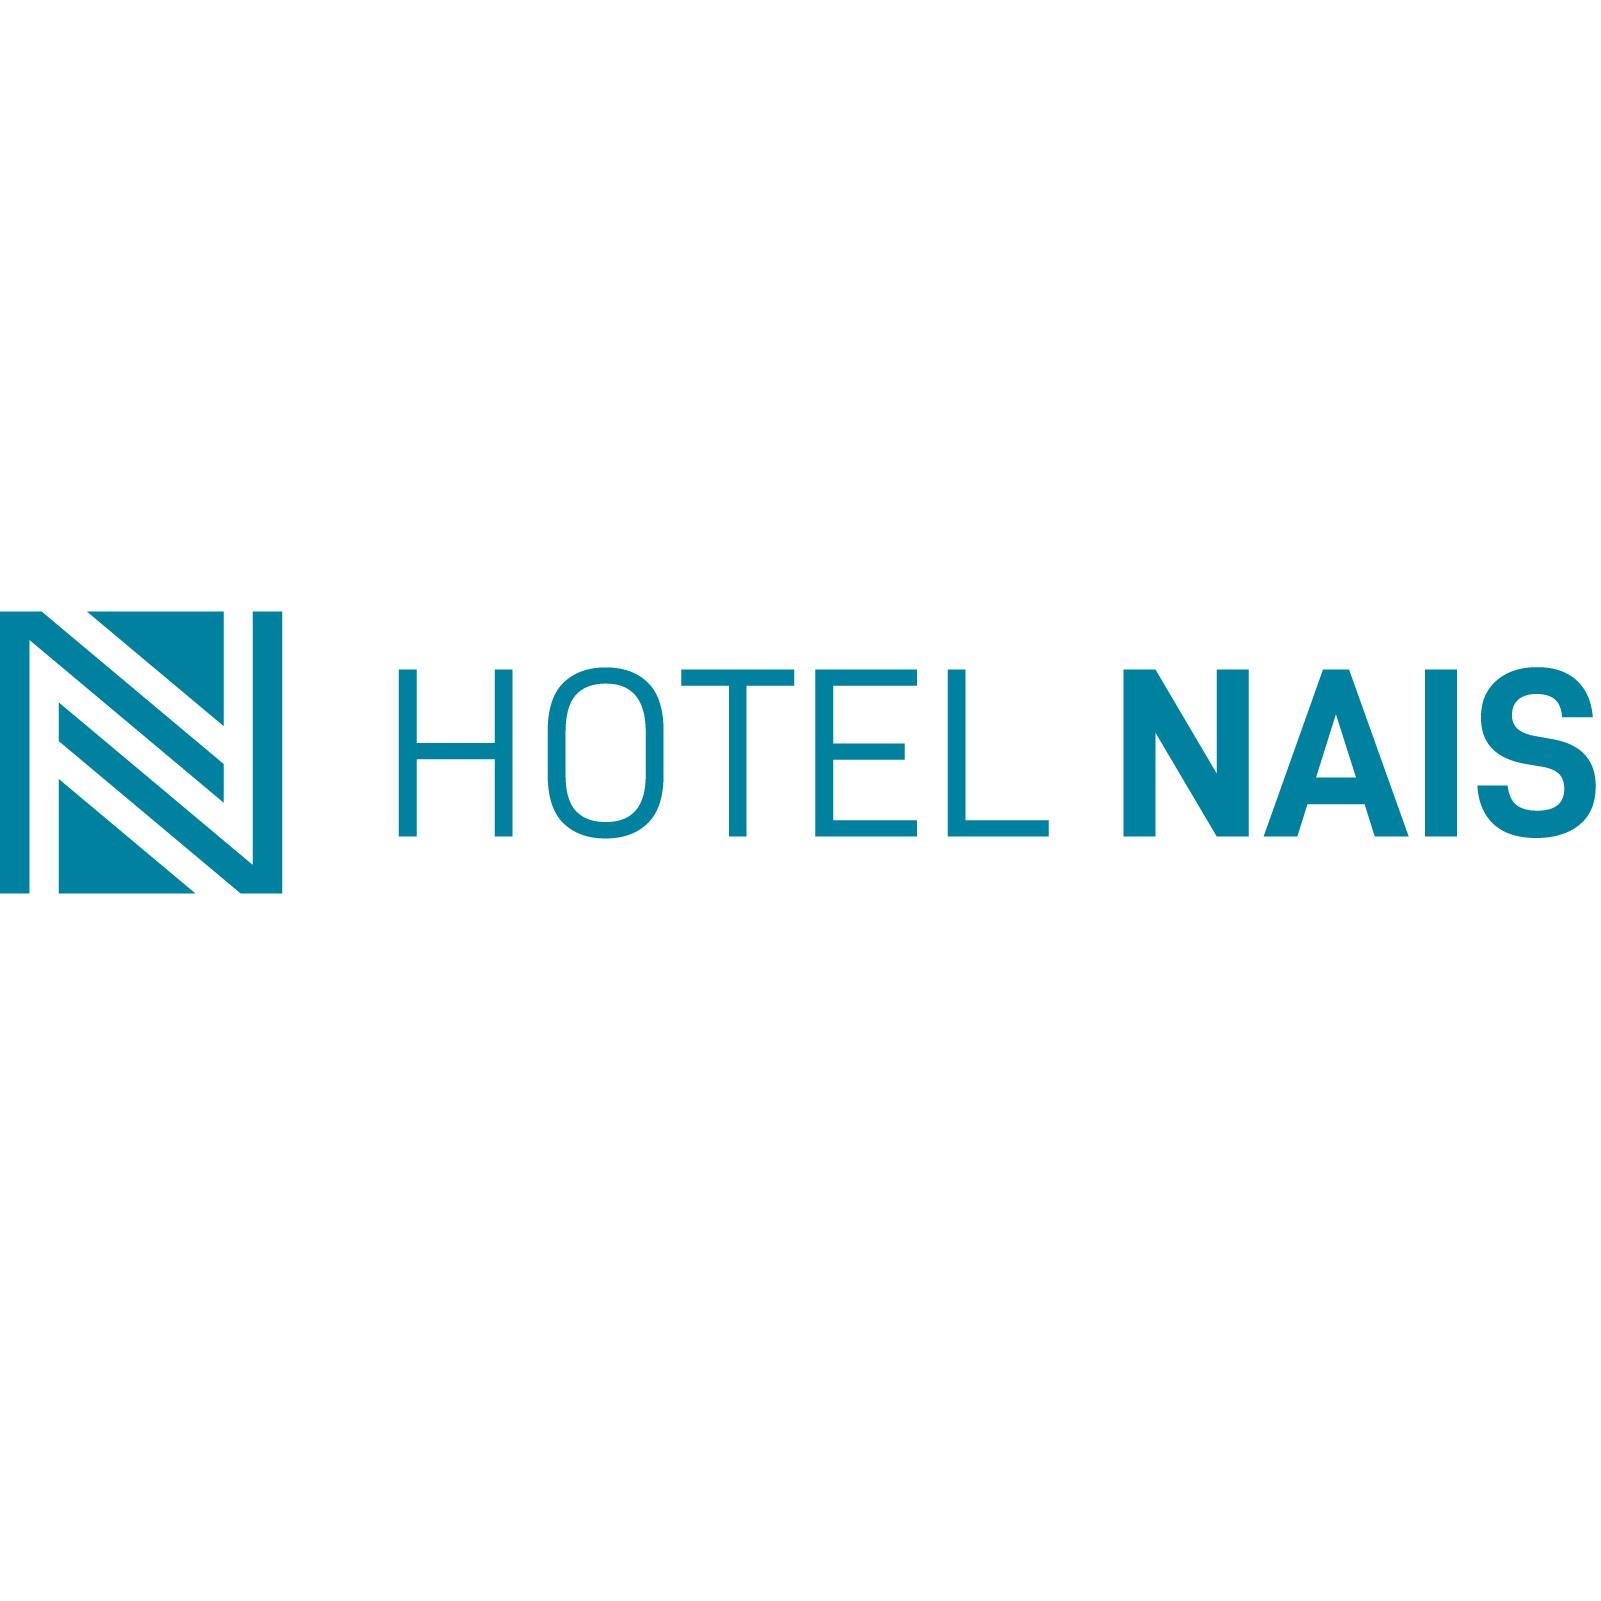 Hotel Nais